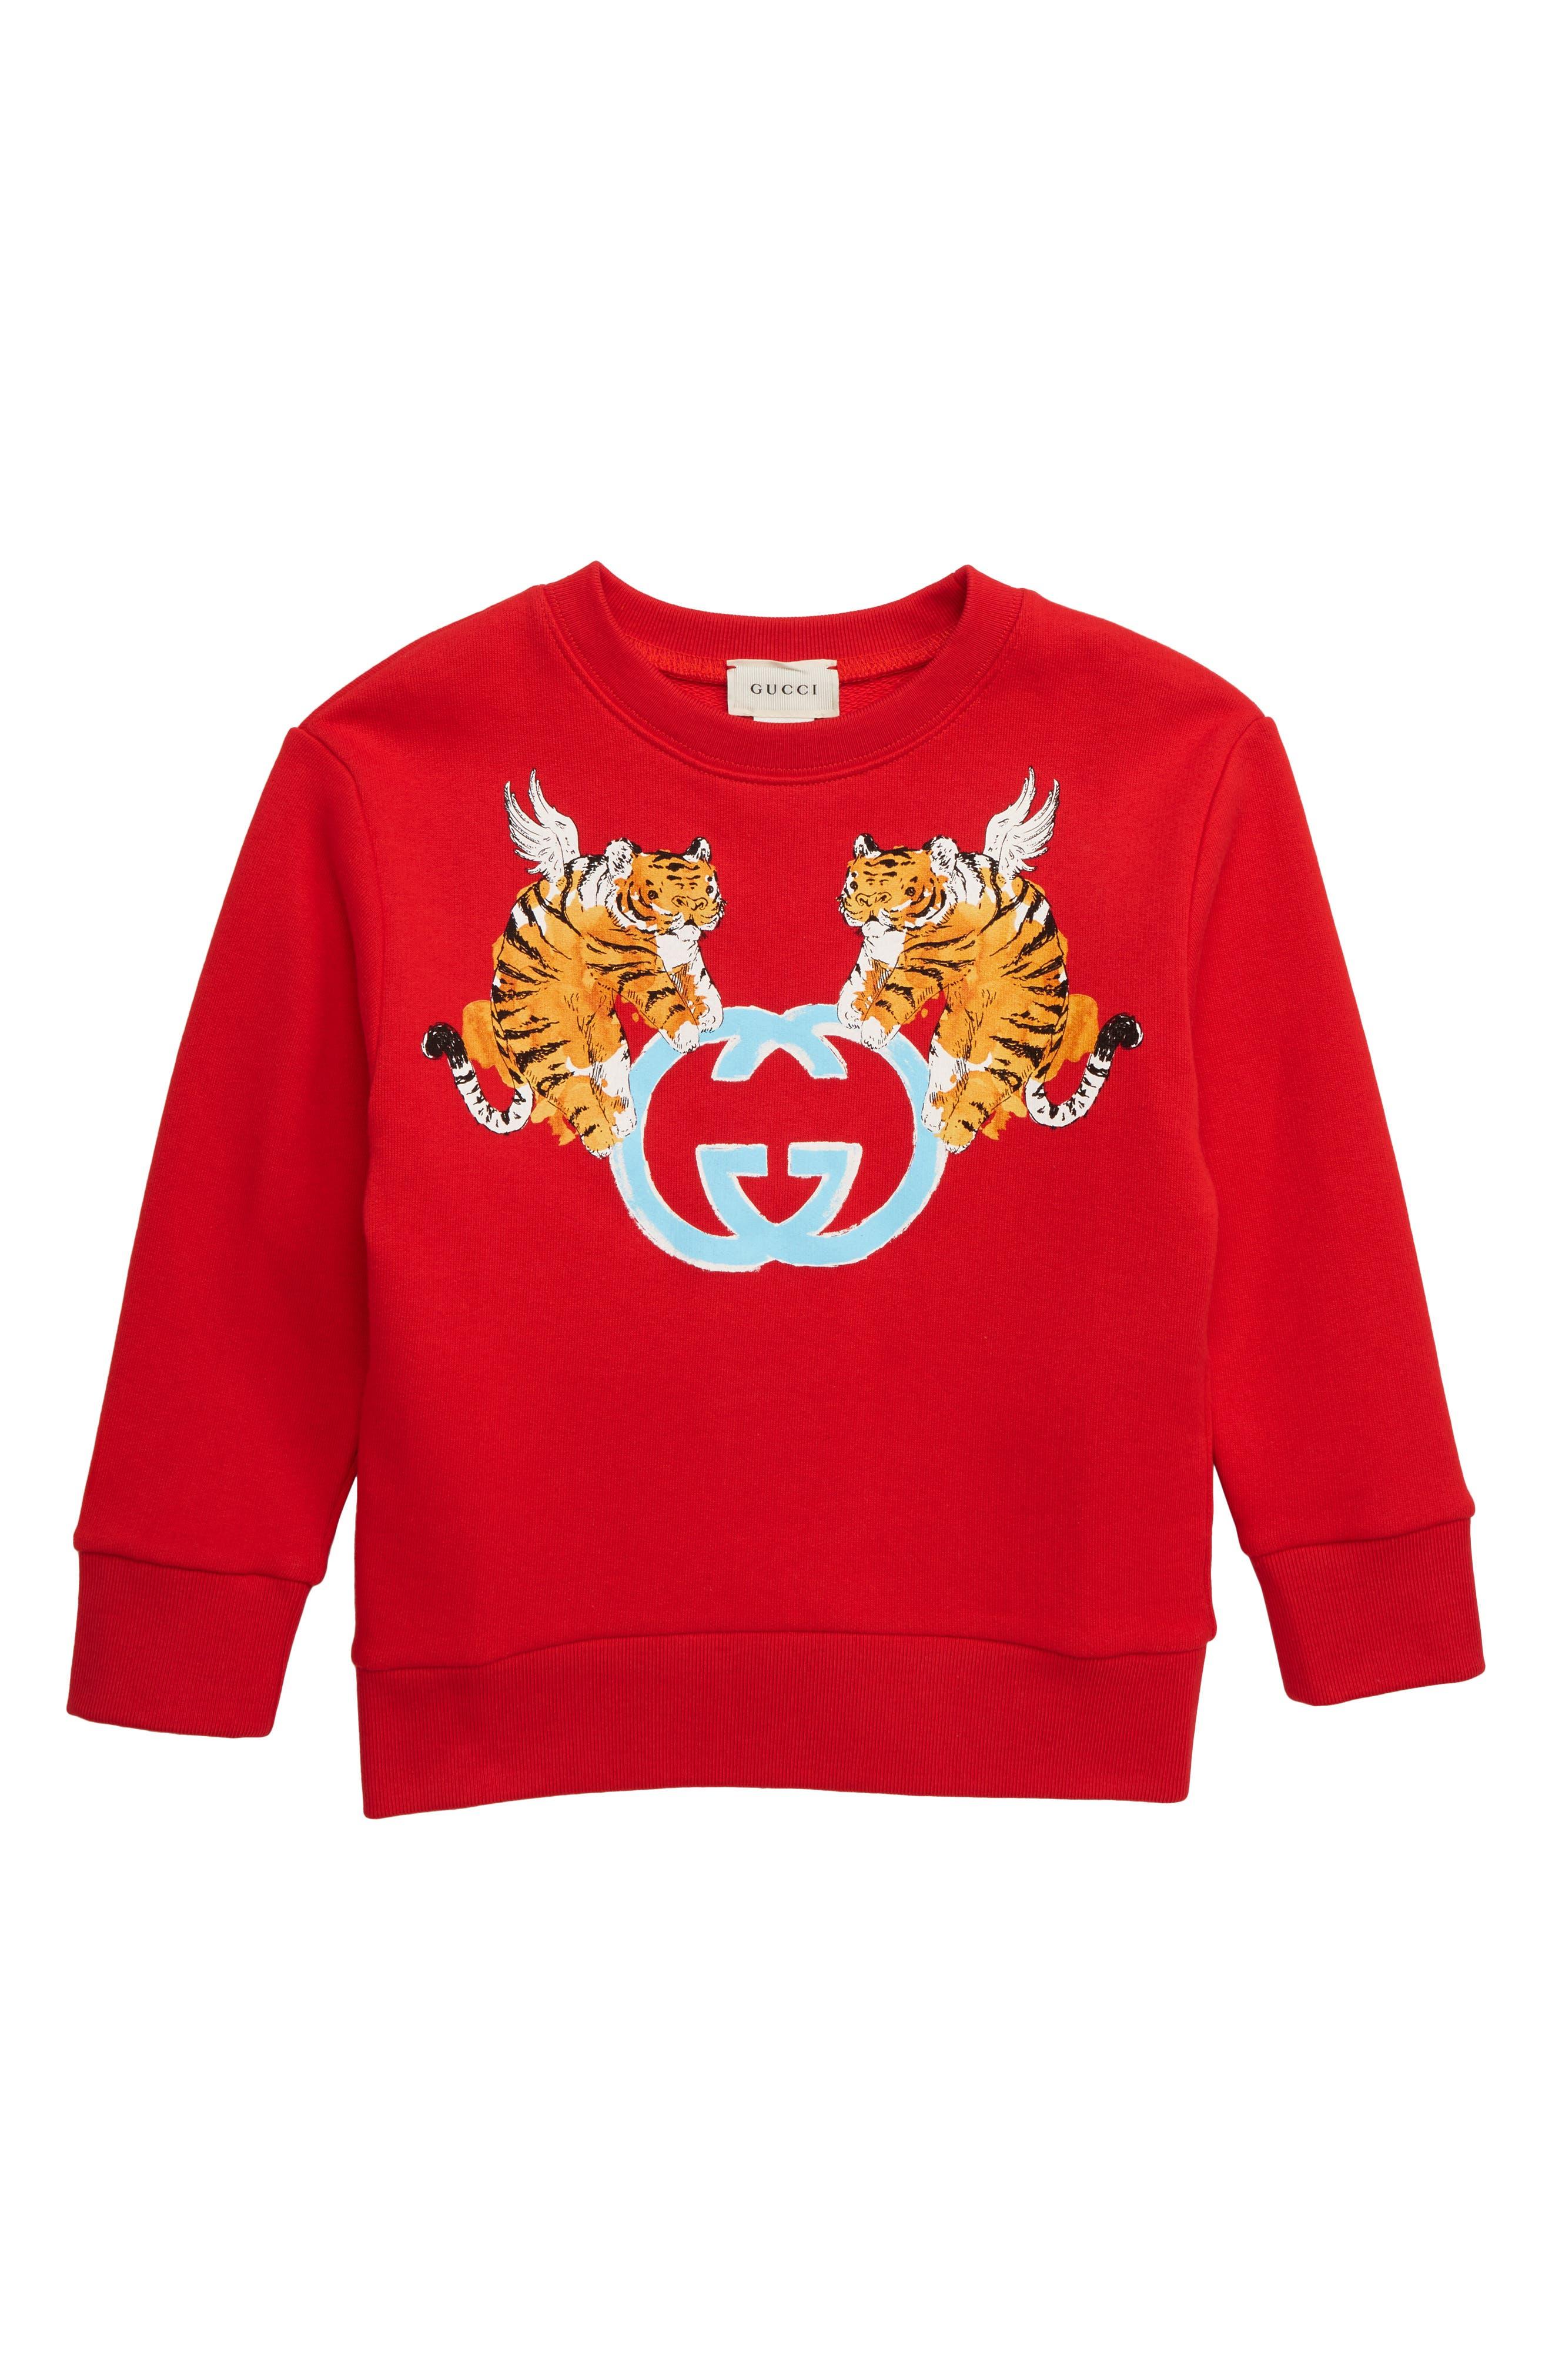 Girls Gucci Tiger Logo Sweatshirt Size 4Y  Red